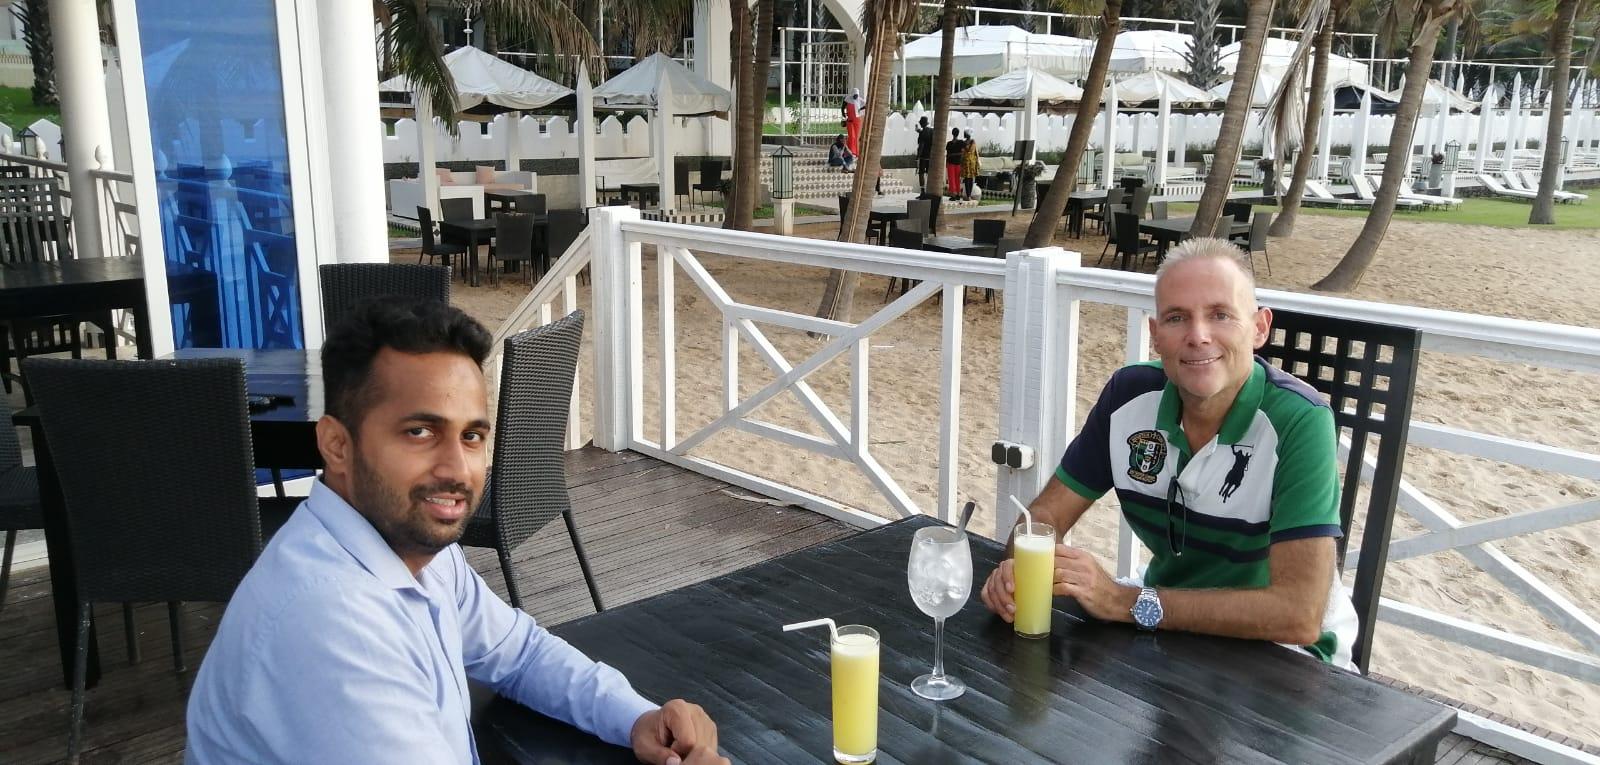 interviewrangaoliver - Warum Gambia und das Coco Ocean Resort & Spa im Winter 2021/22 meine Reiseempfehlung Nummer 1 sind?